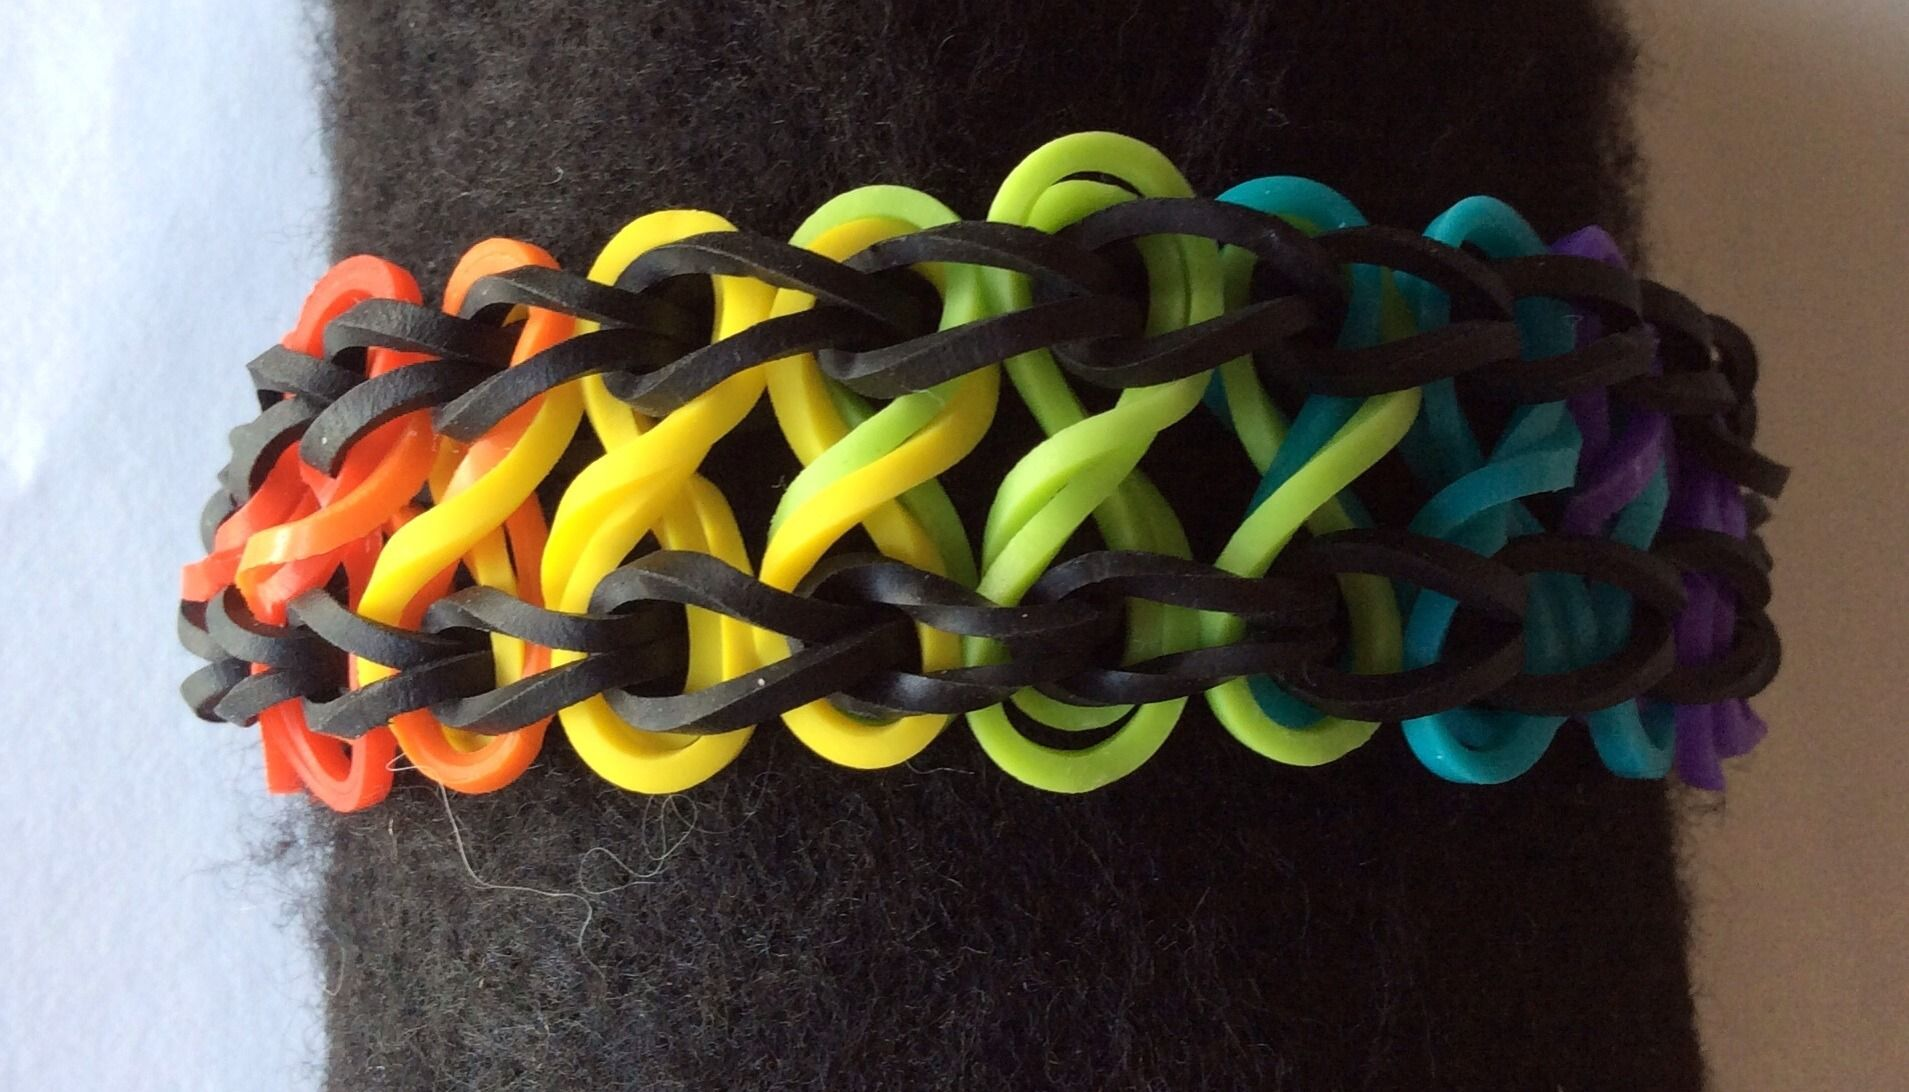 bracelet lastique rainbow loom double infinity arc en ciel bracelet par libellule creation. Black Bedroom Furniture Sets. Home Design Ideas